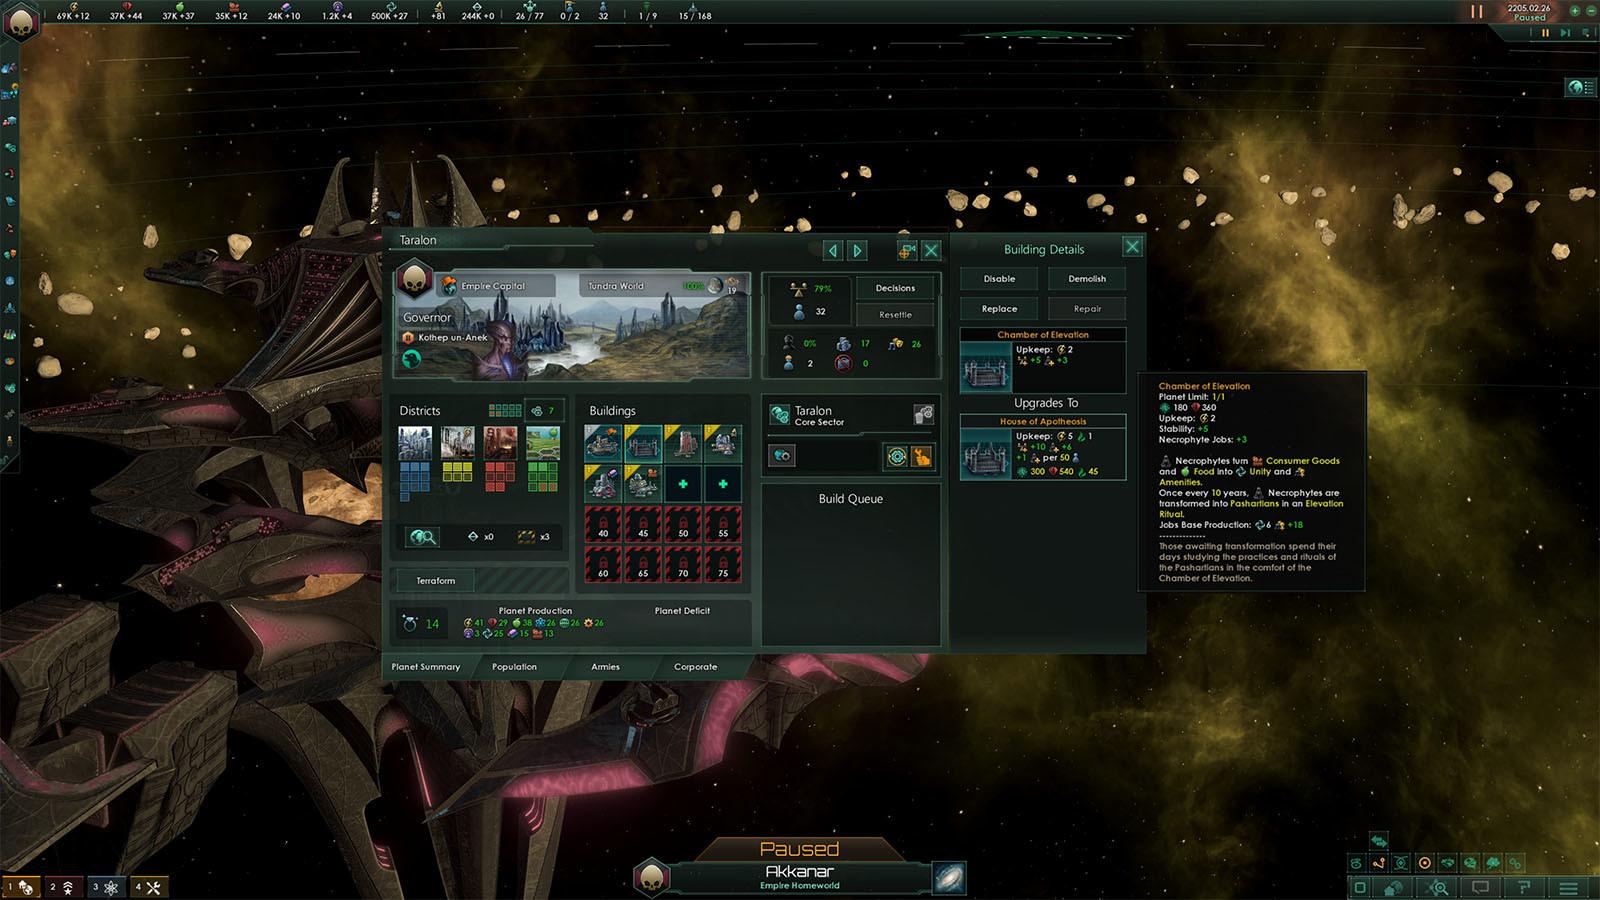 Stellaris: Necroids Species Pack | ROW (43be2a8a-7093-479d-acfe-b18041ff90d0)